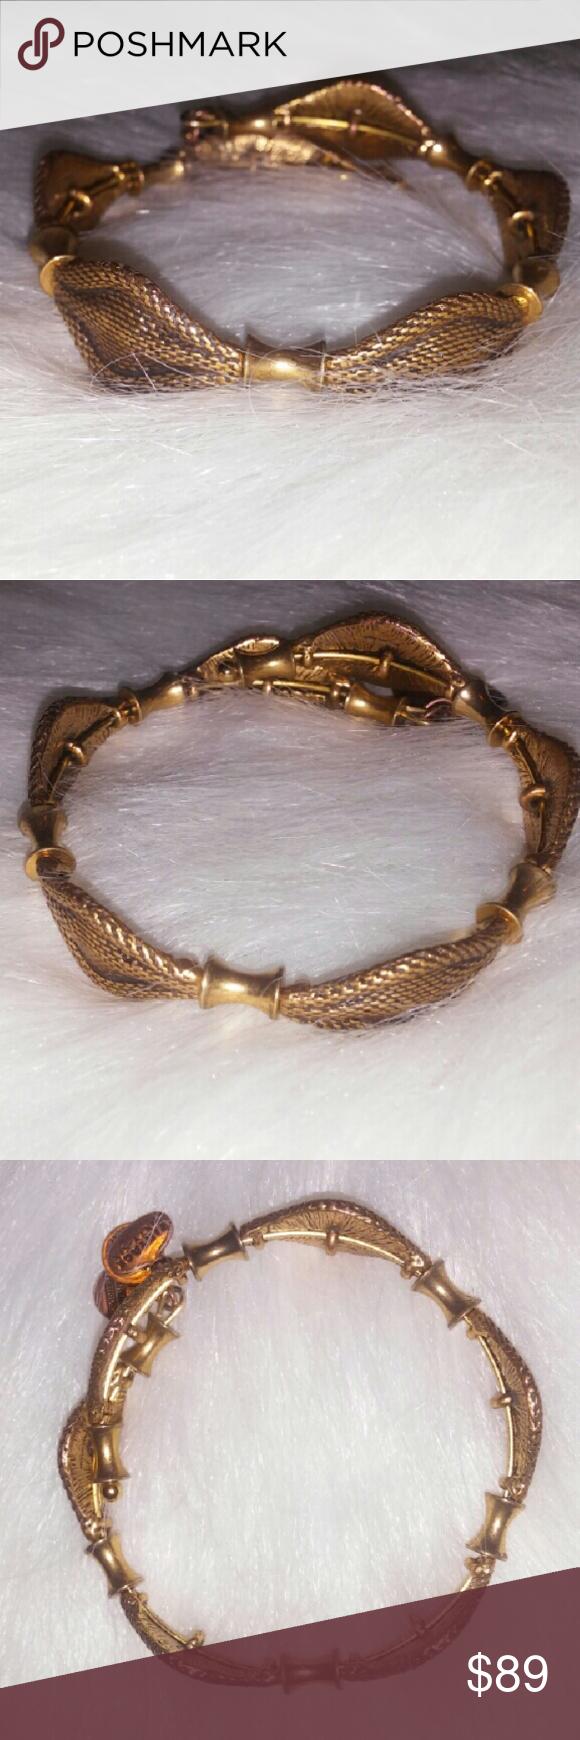 Alex u ani gold indie spirit collection bracelet